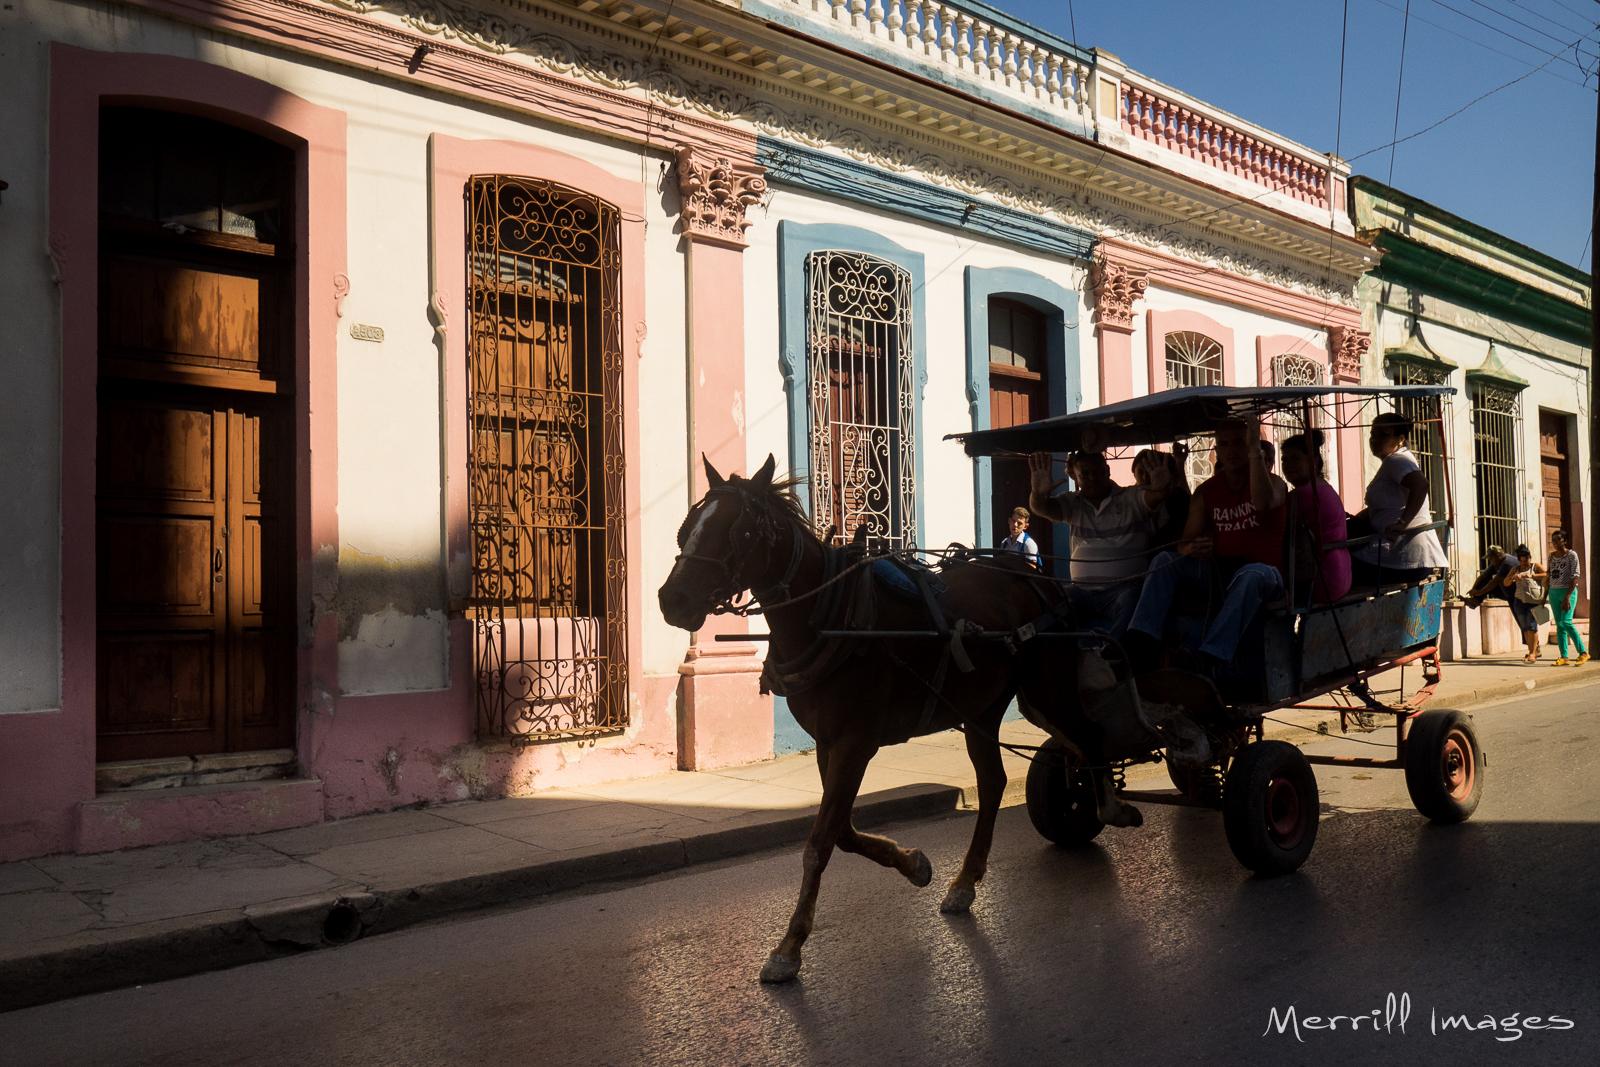 179_Cuba_slideshow_Merrill